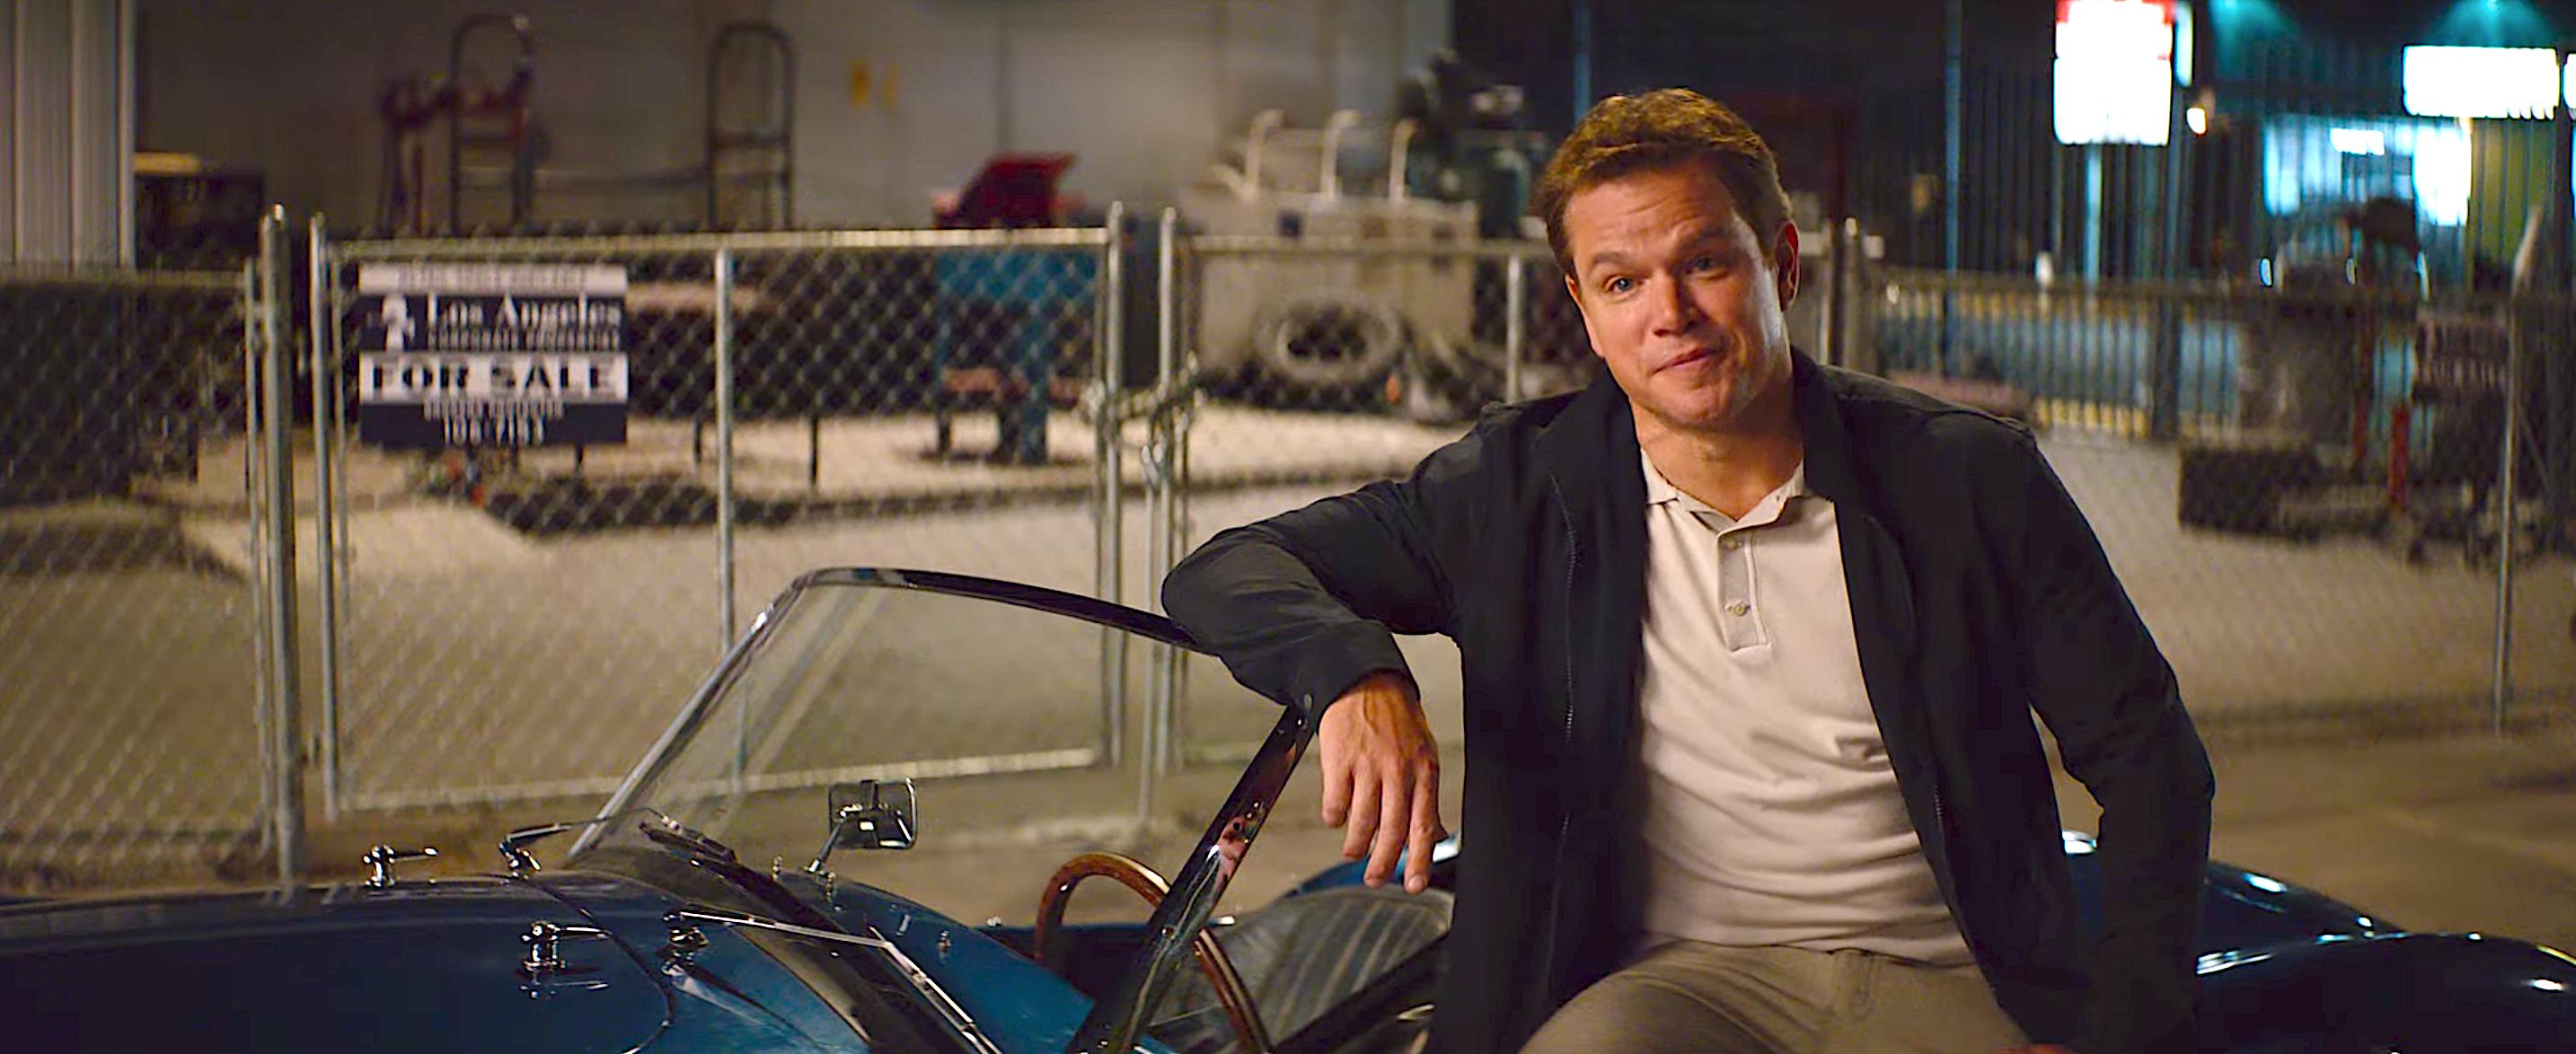 Matt Damon and Christian Bale's Ford v Ferrari Looks Like a High-Speed Oscar Contender